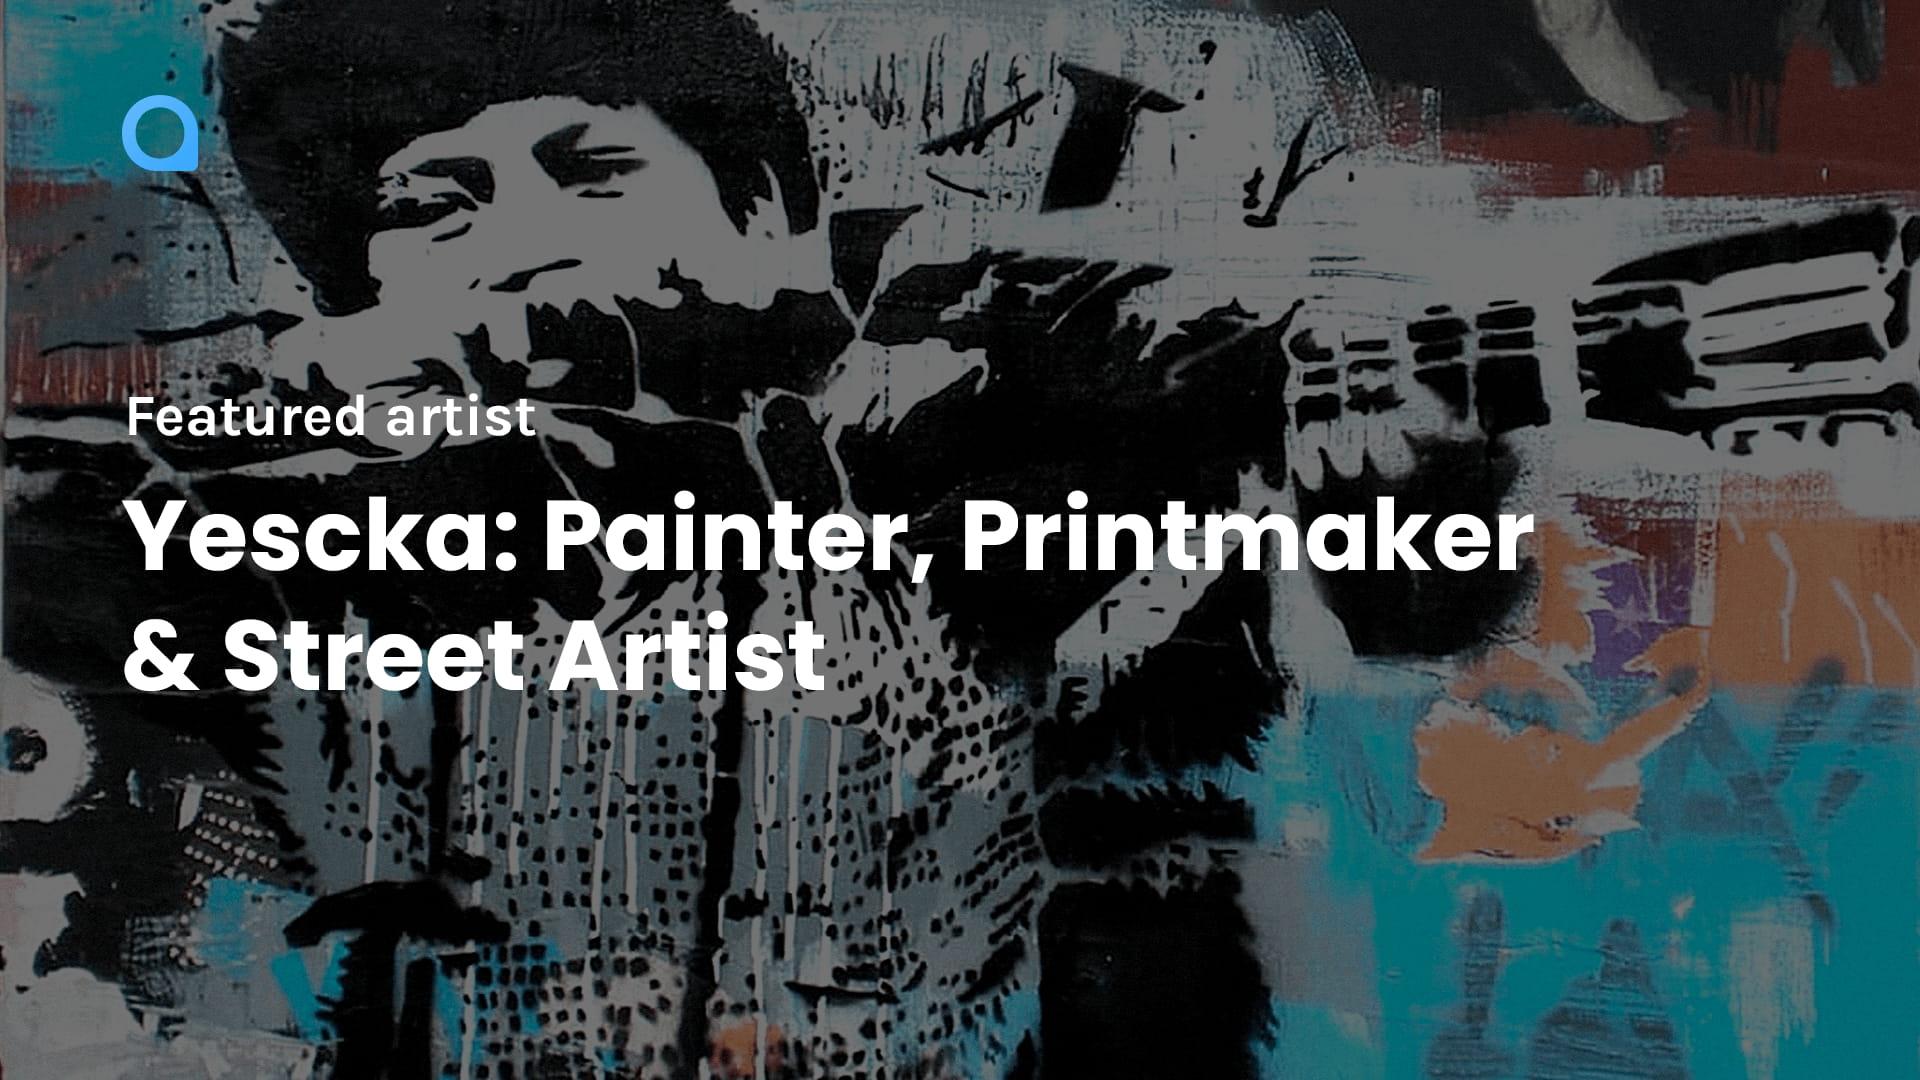 Yescka: Painter, Printmaker & Street Artist